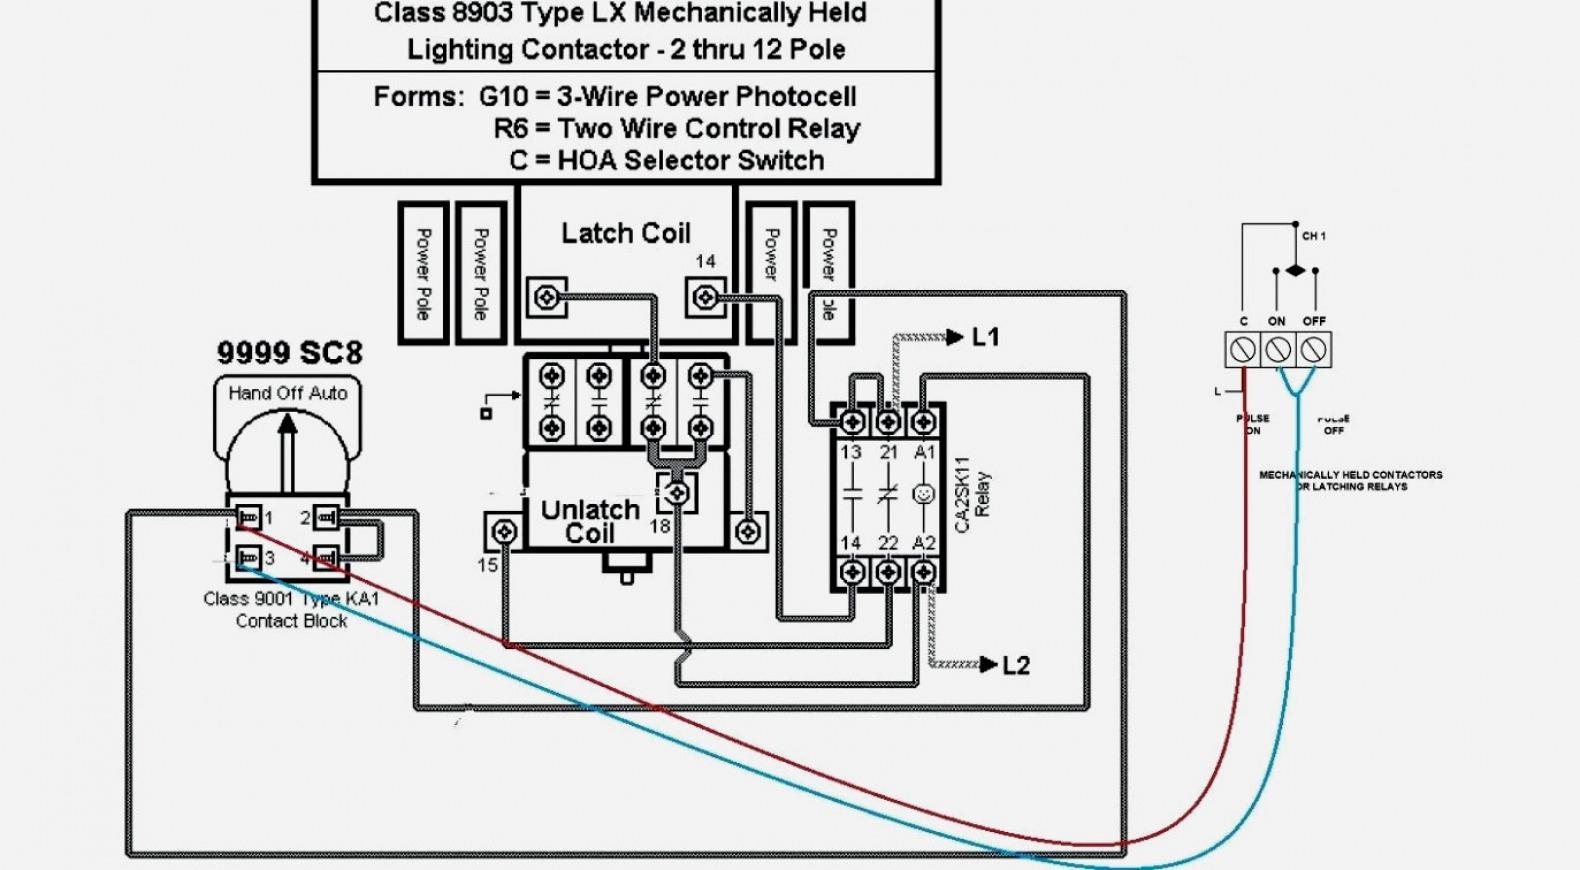 100 Watt Metal Halide Wiring Diagram | Wiring Diagram - Metal Halide Ballast Wiring Diagram